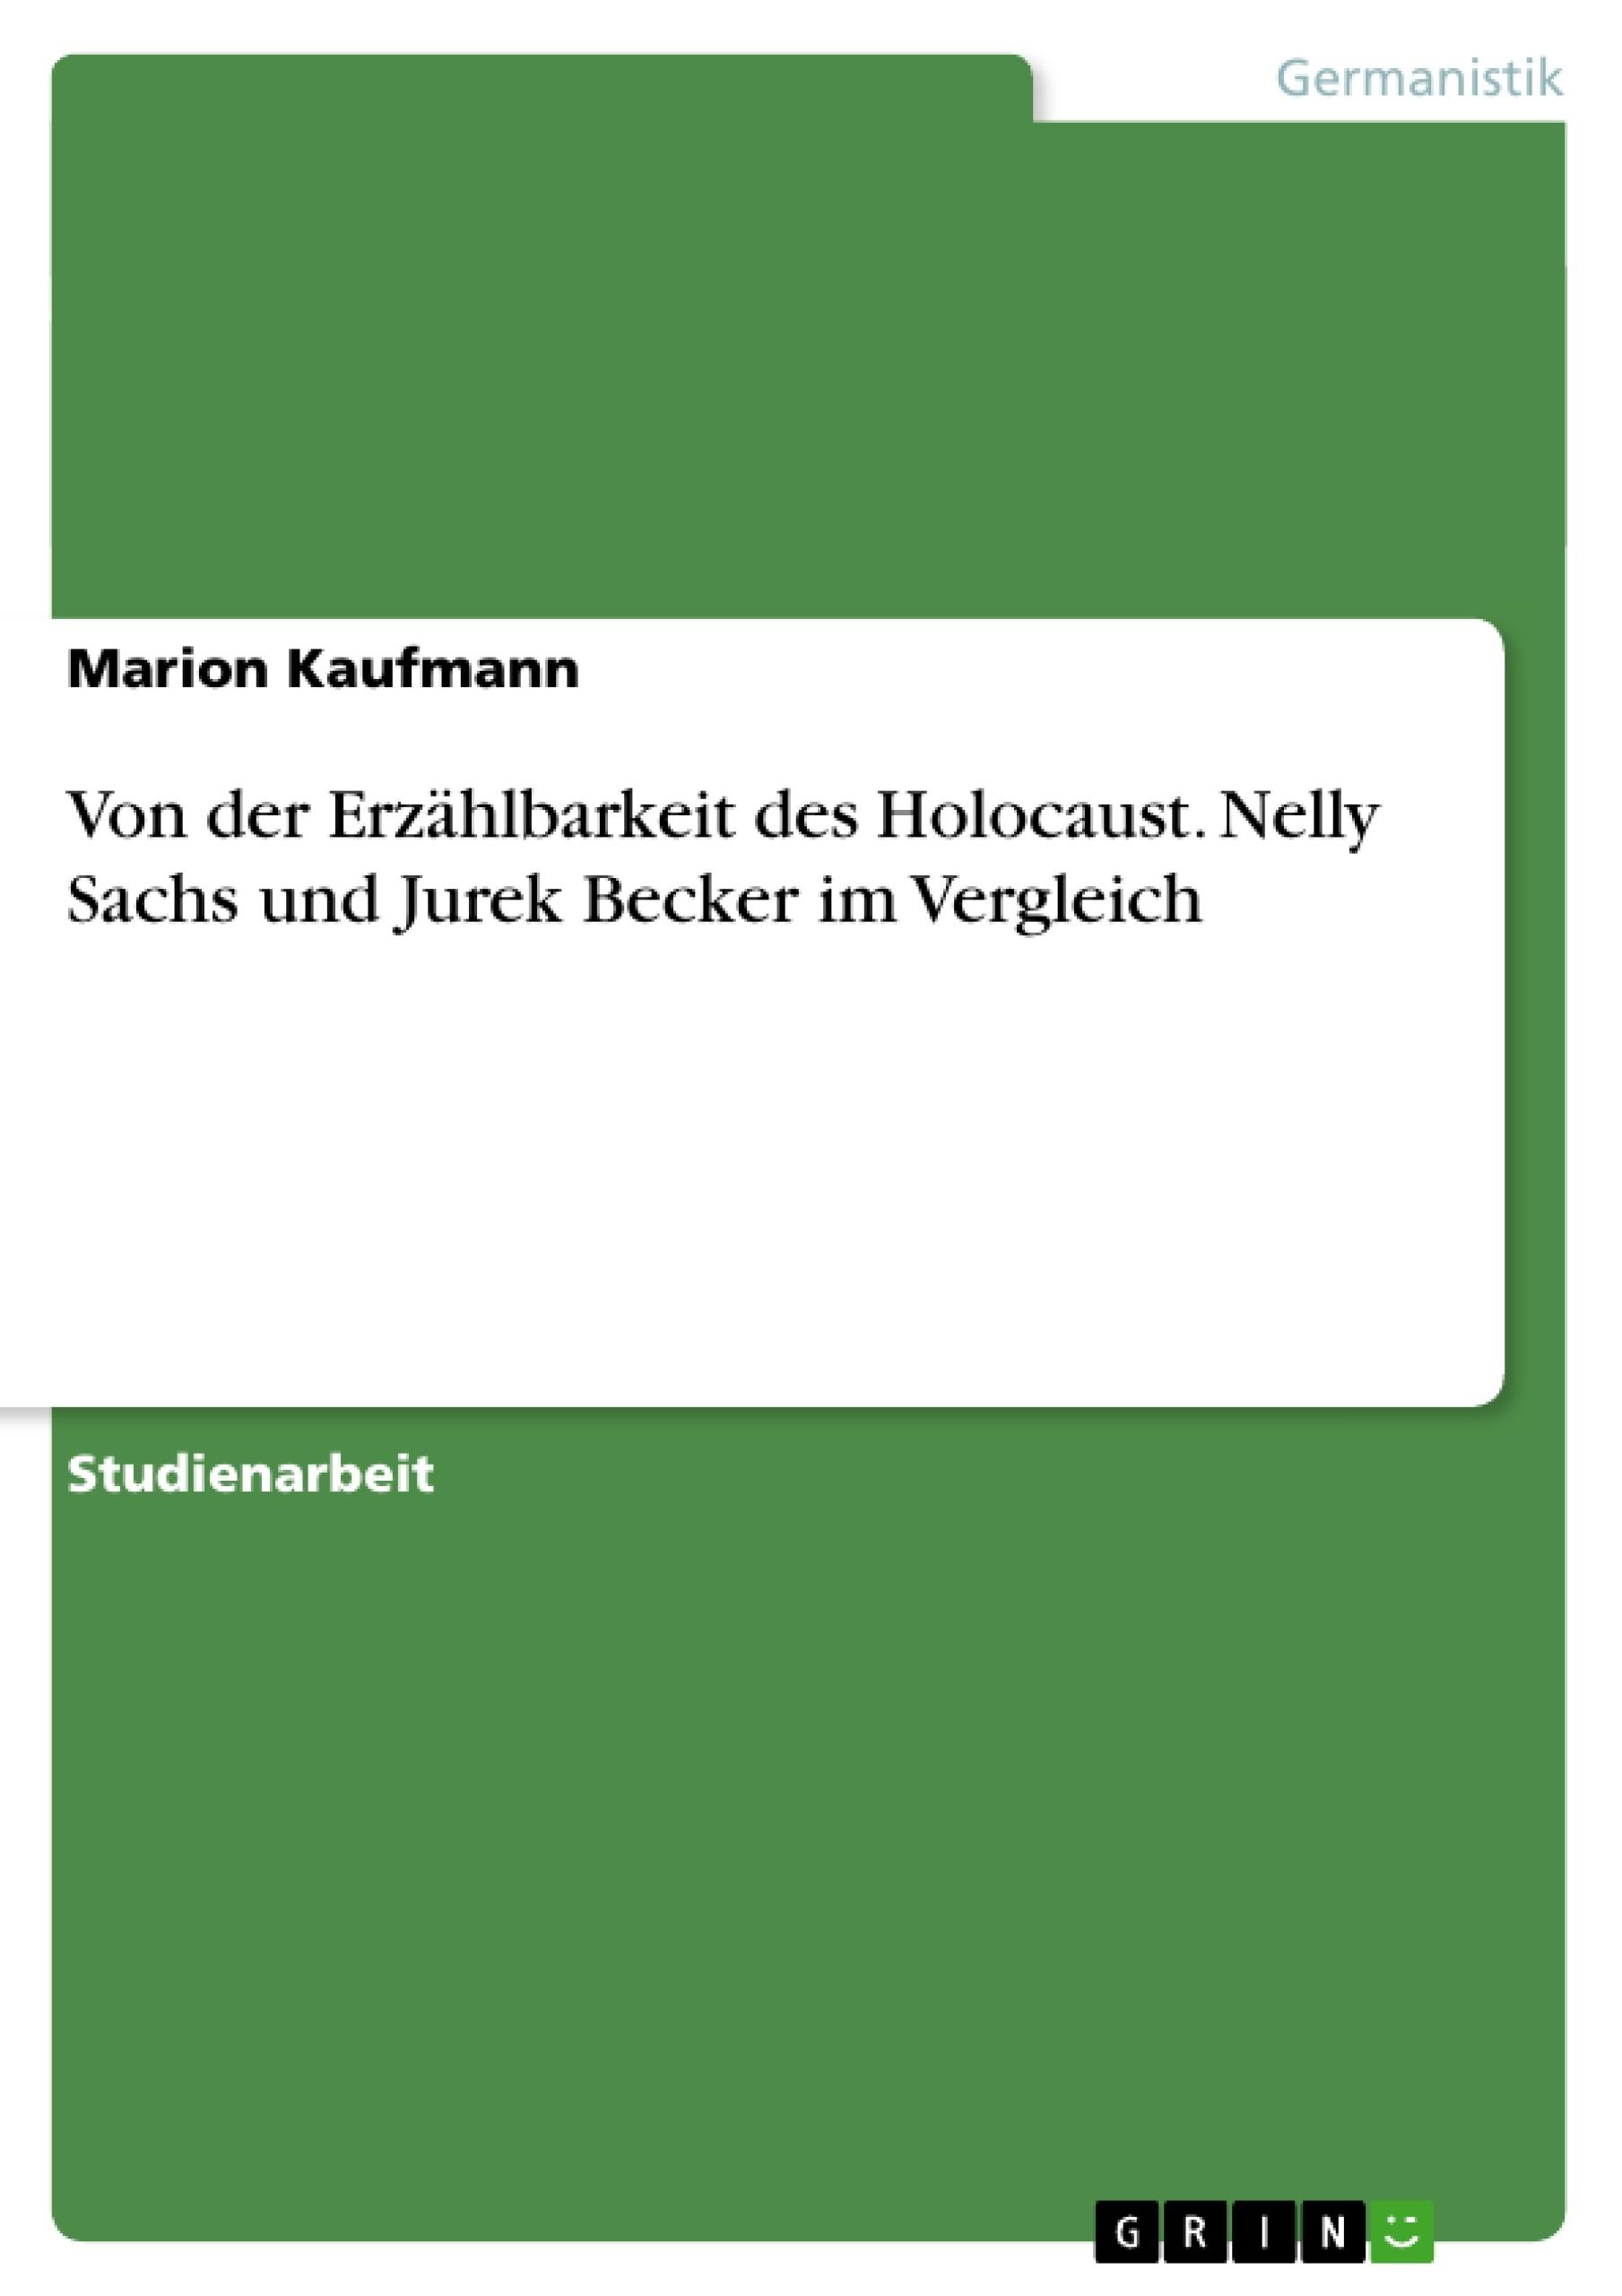 Titel: Von der Erzählbarkeit des Holocaust. Nelly Sachs und Jurek Becker im Vergleich